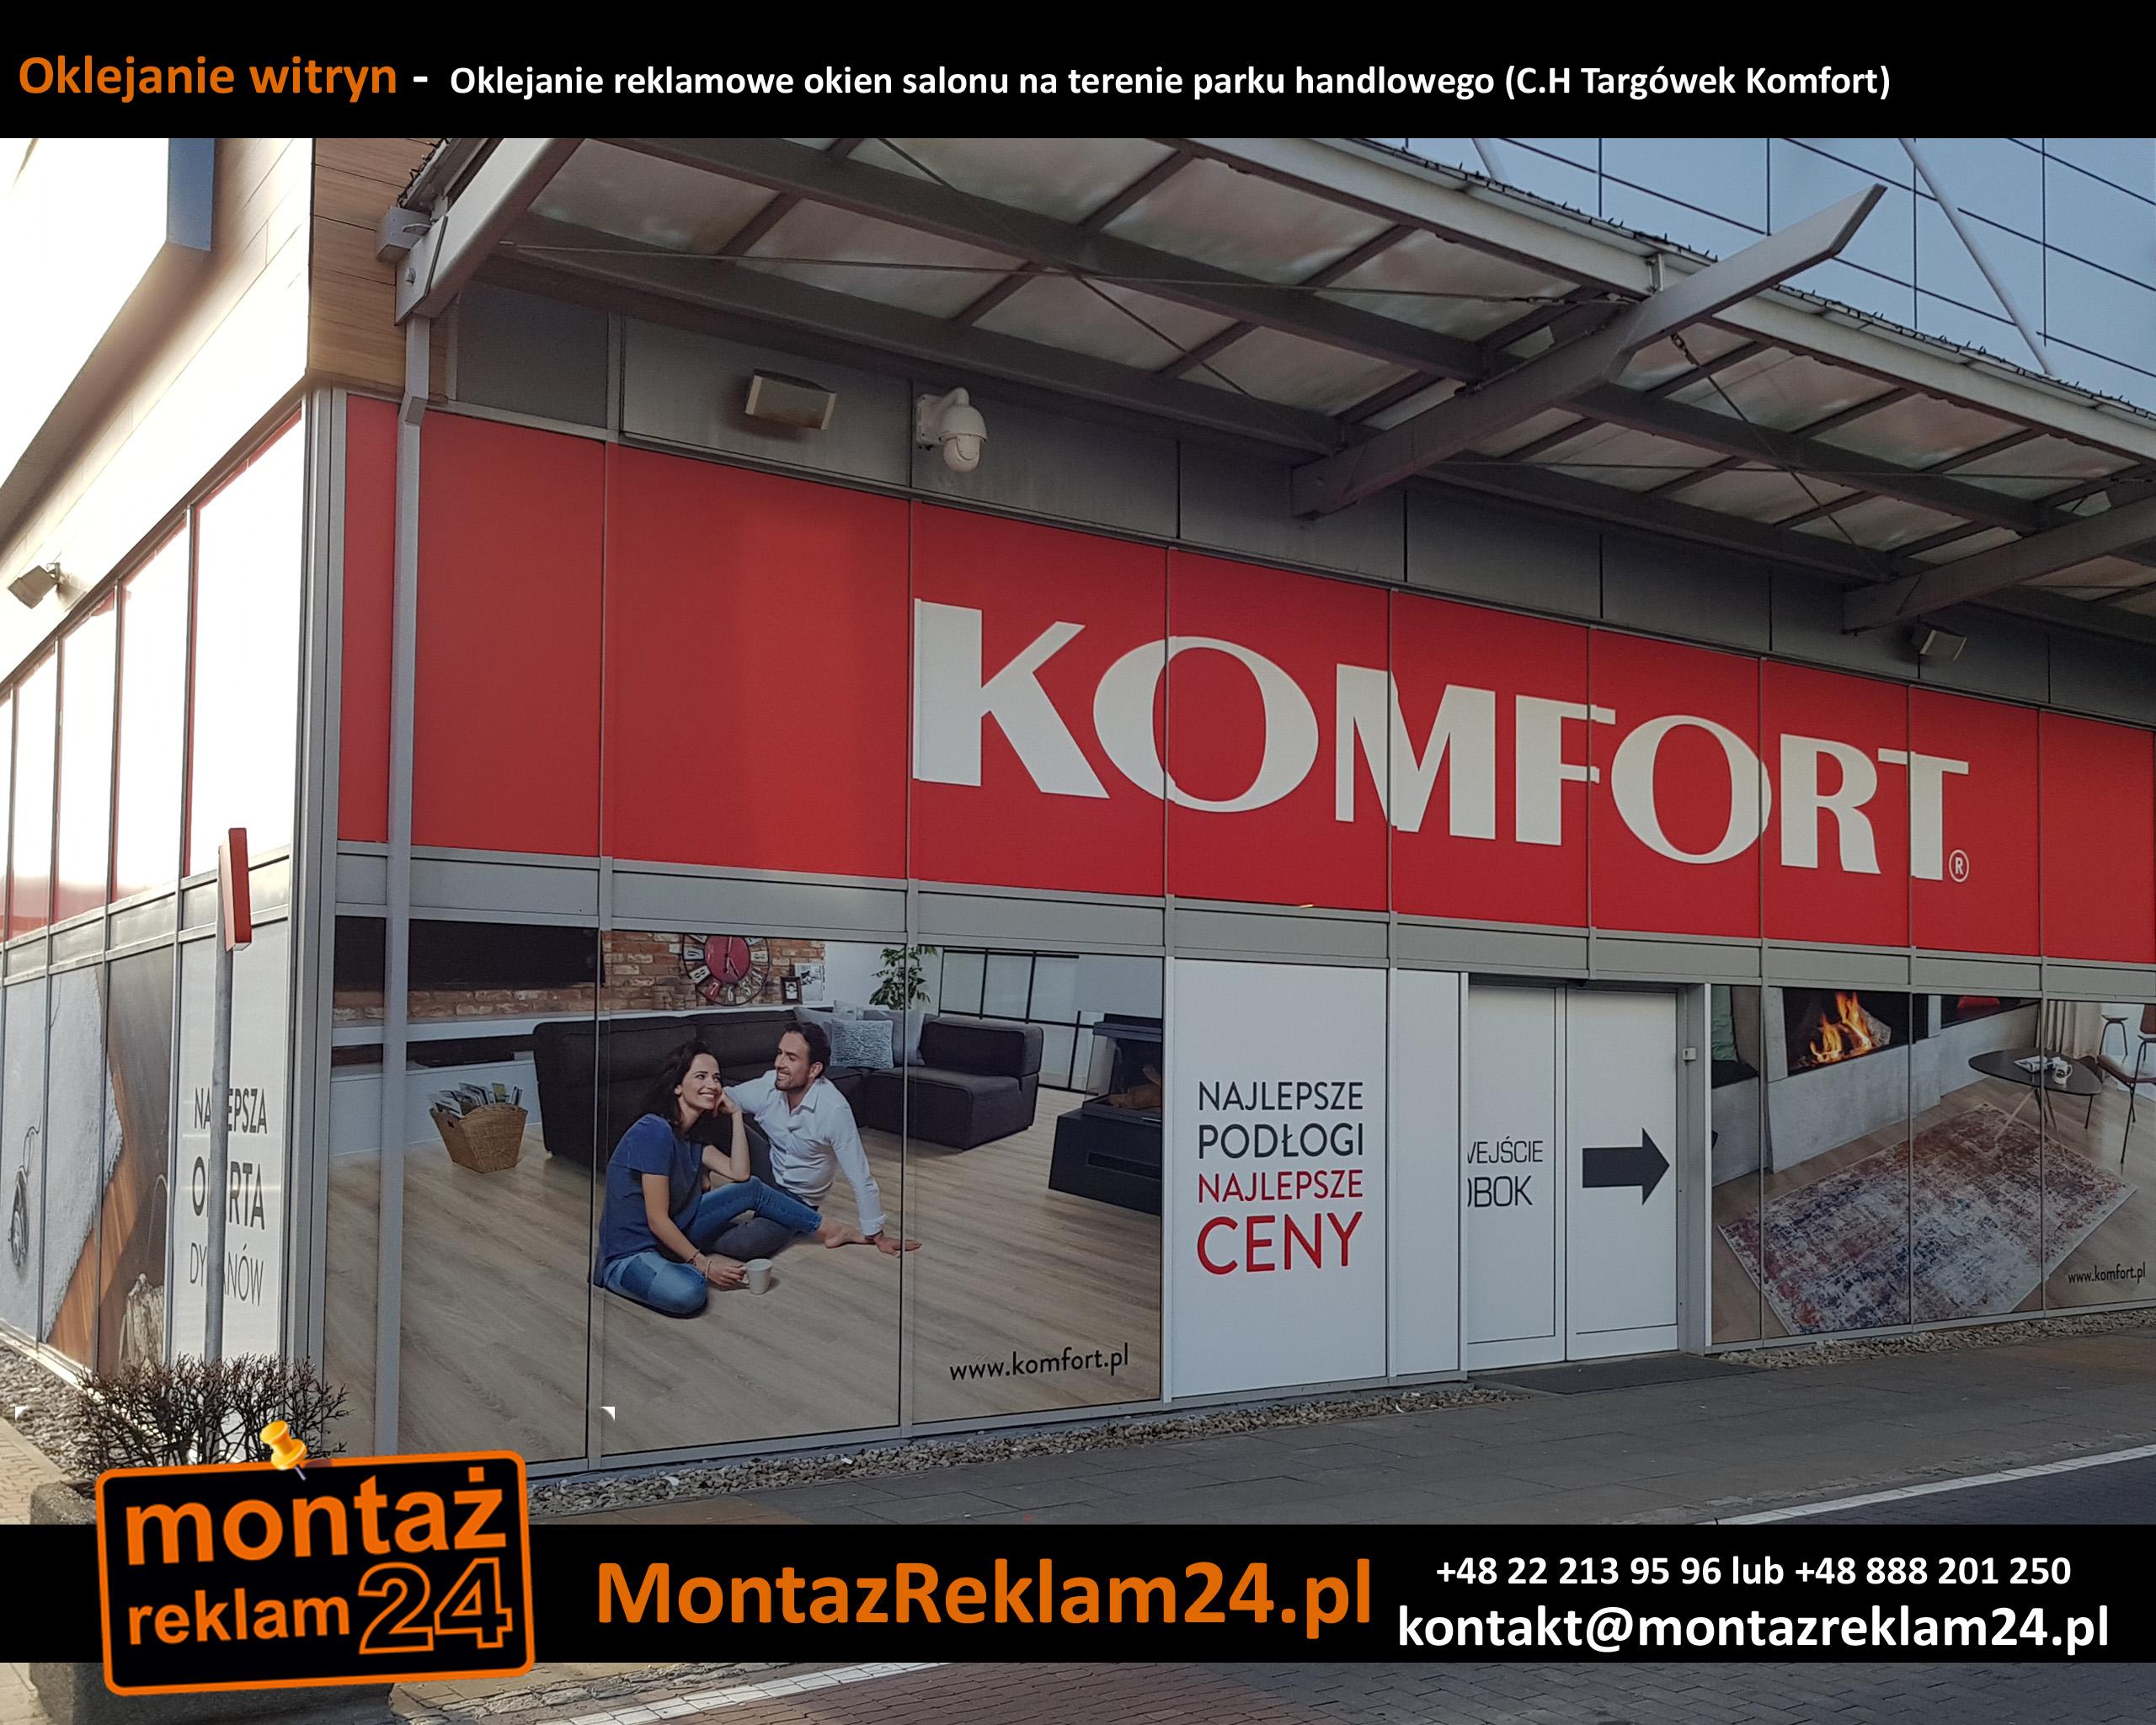 Oklejanie witryn -  Oklejanie reklamowe okien salonu na terenie parku handlowego (C.jpg